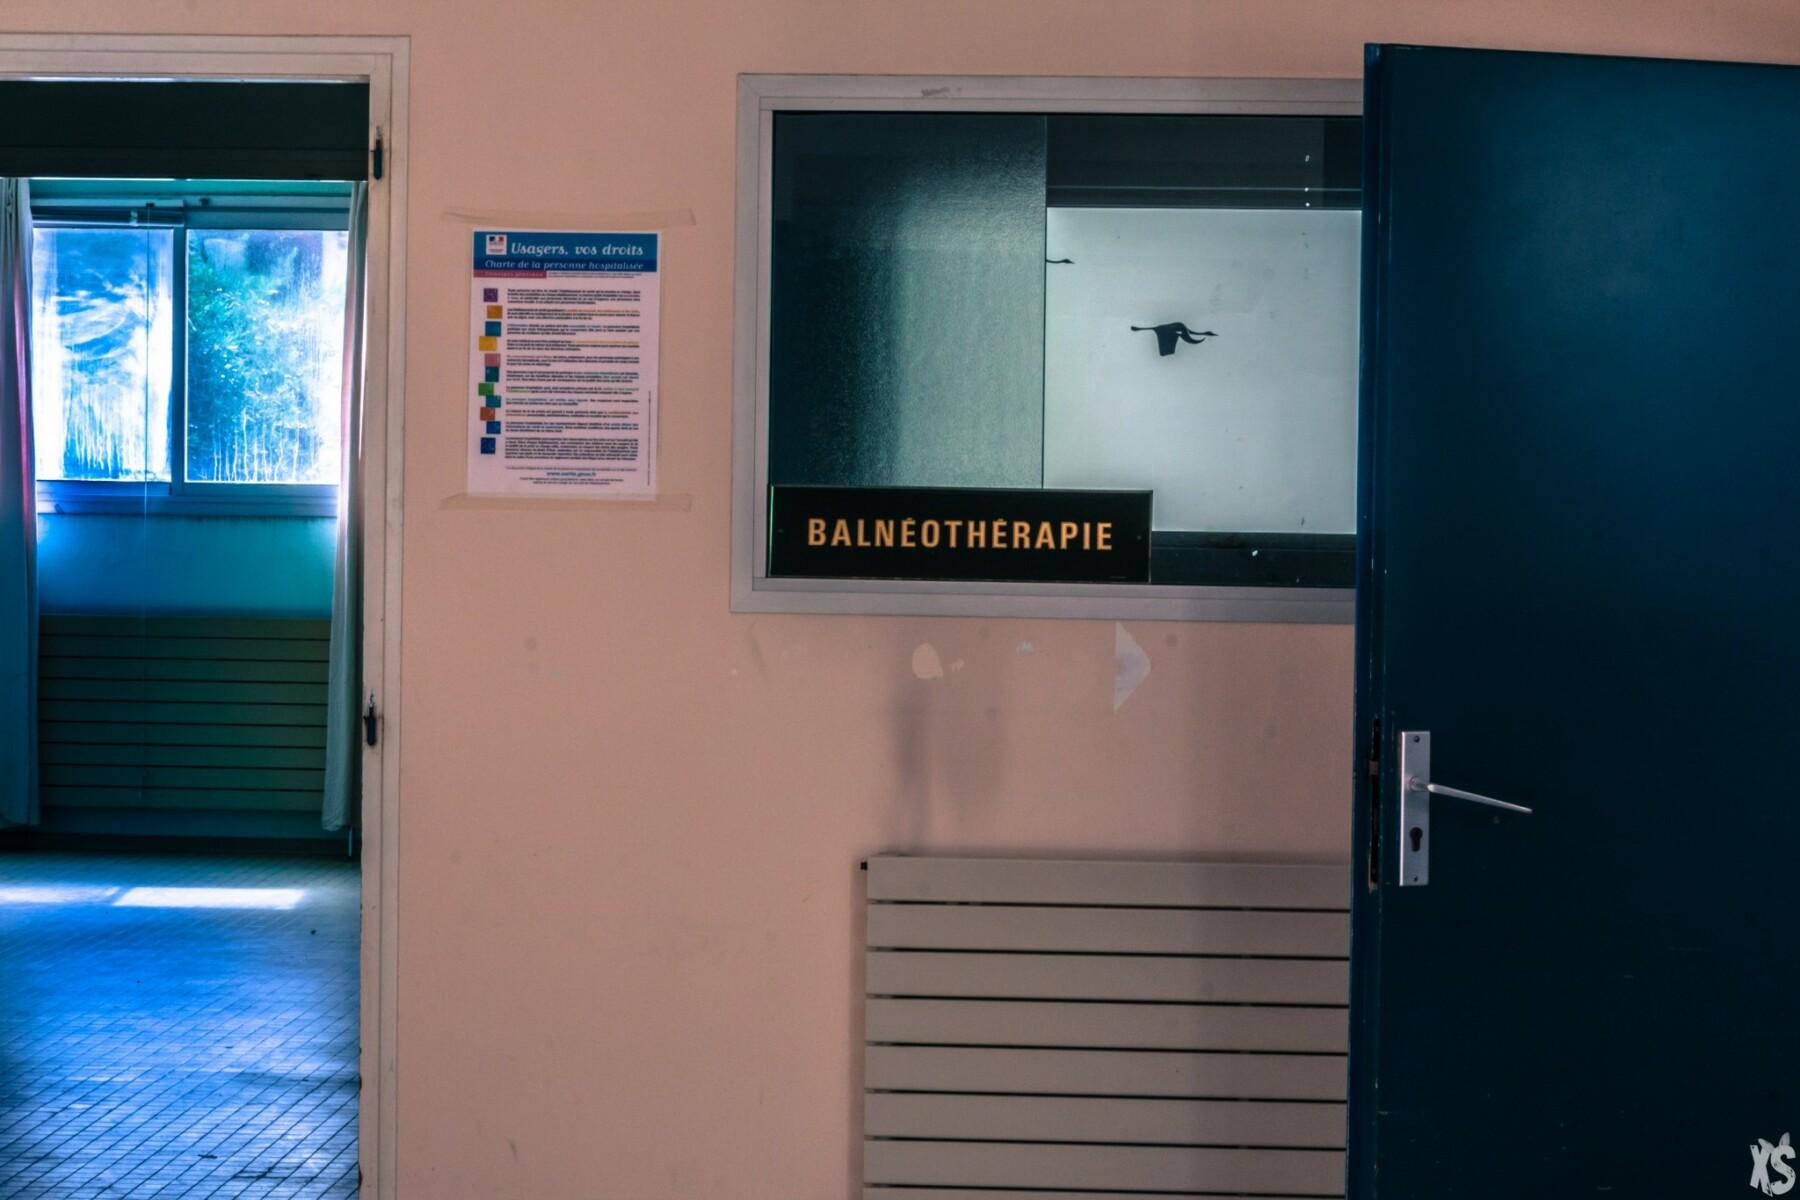 sanatorium-eugene-aram-31